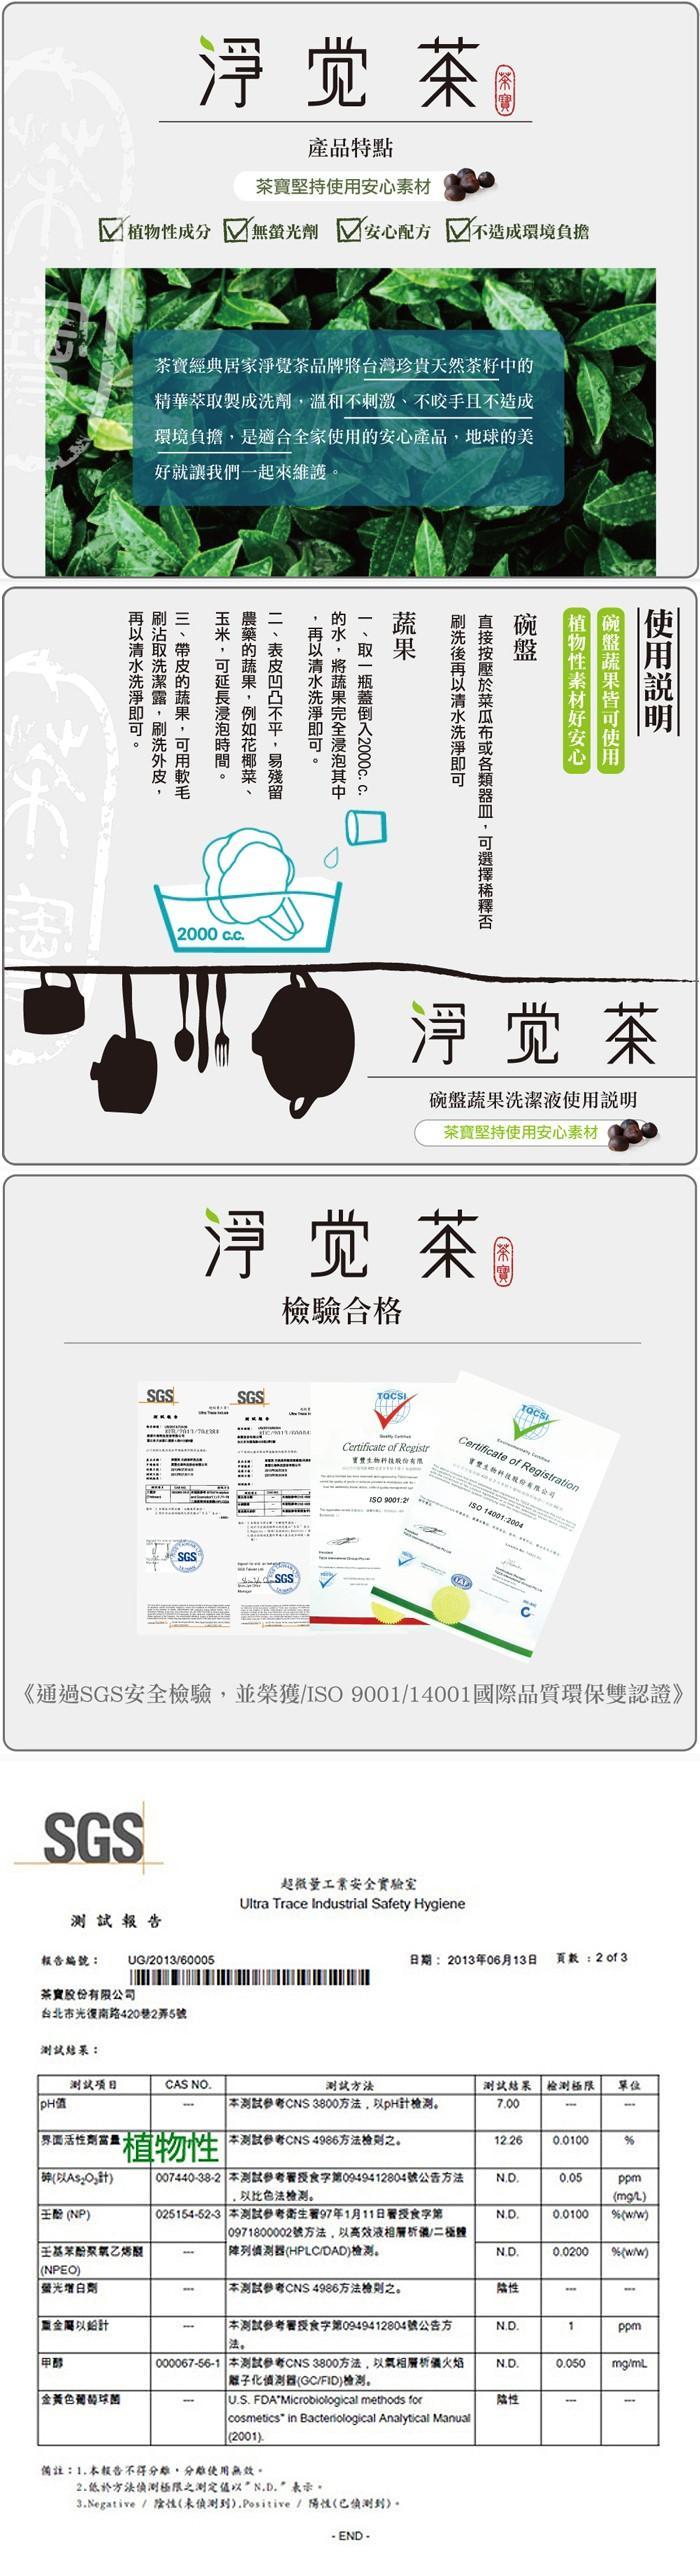 茶寶-淨覺茶茶籽蔬果碗盤洗潔液(800ml)產品資訊